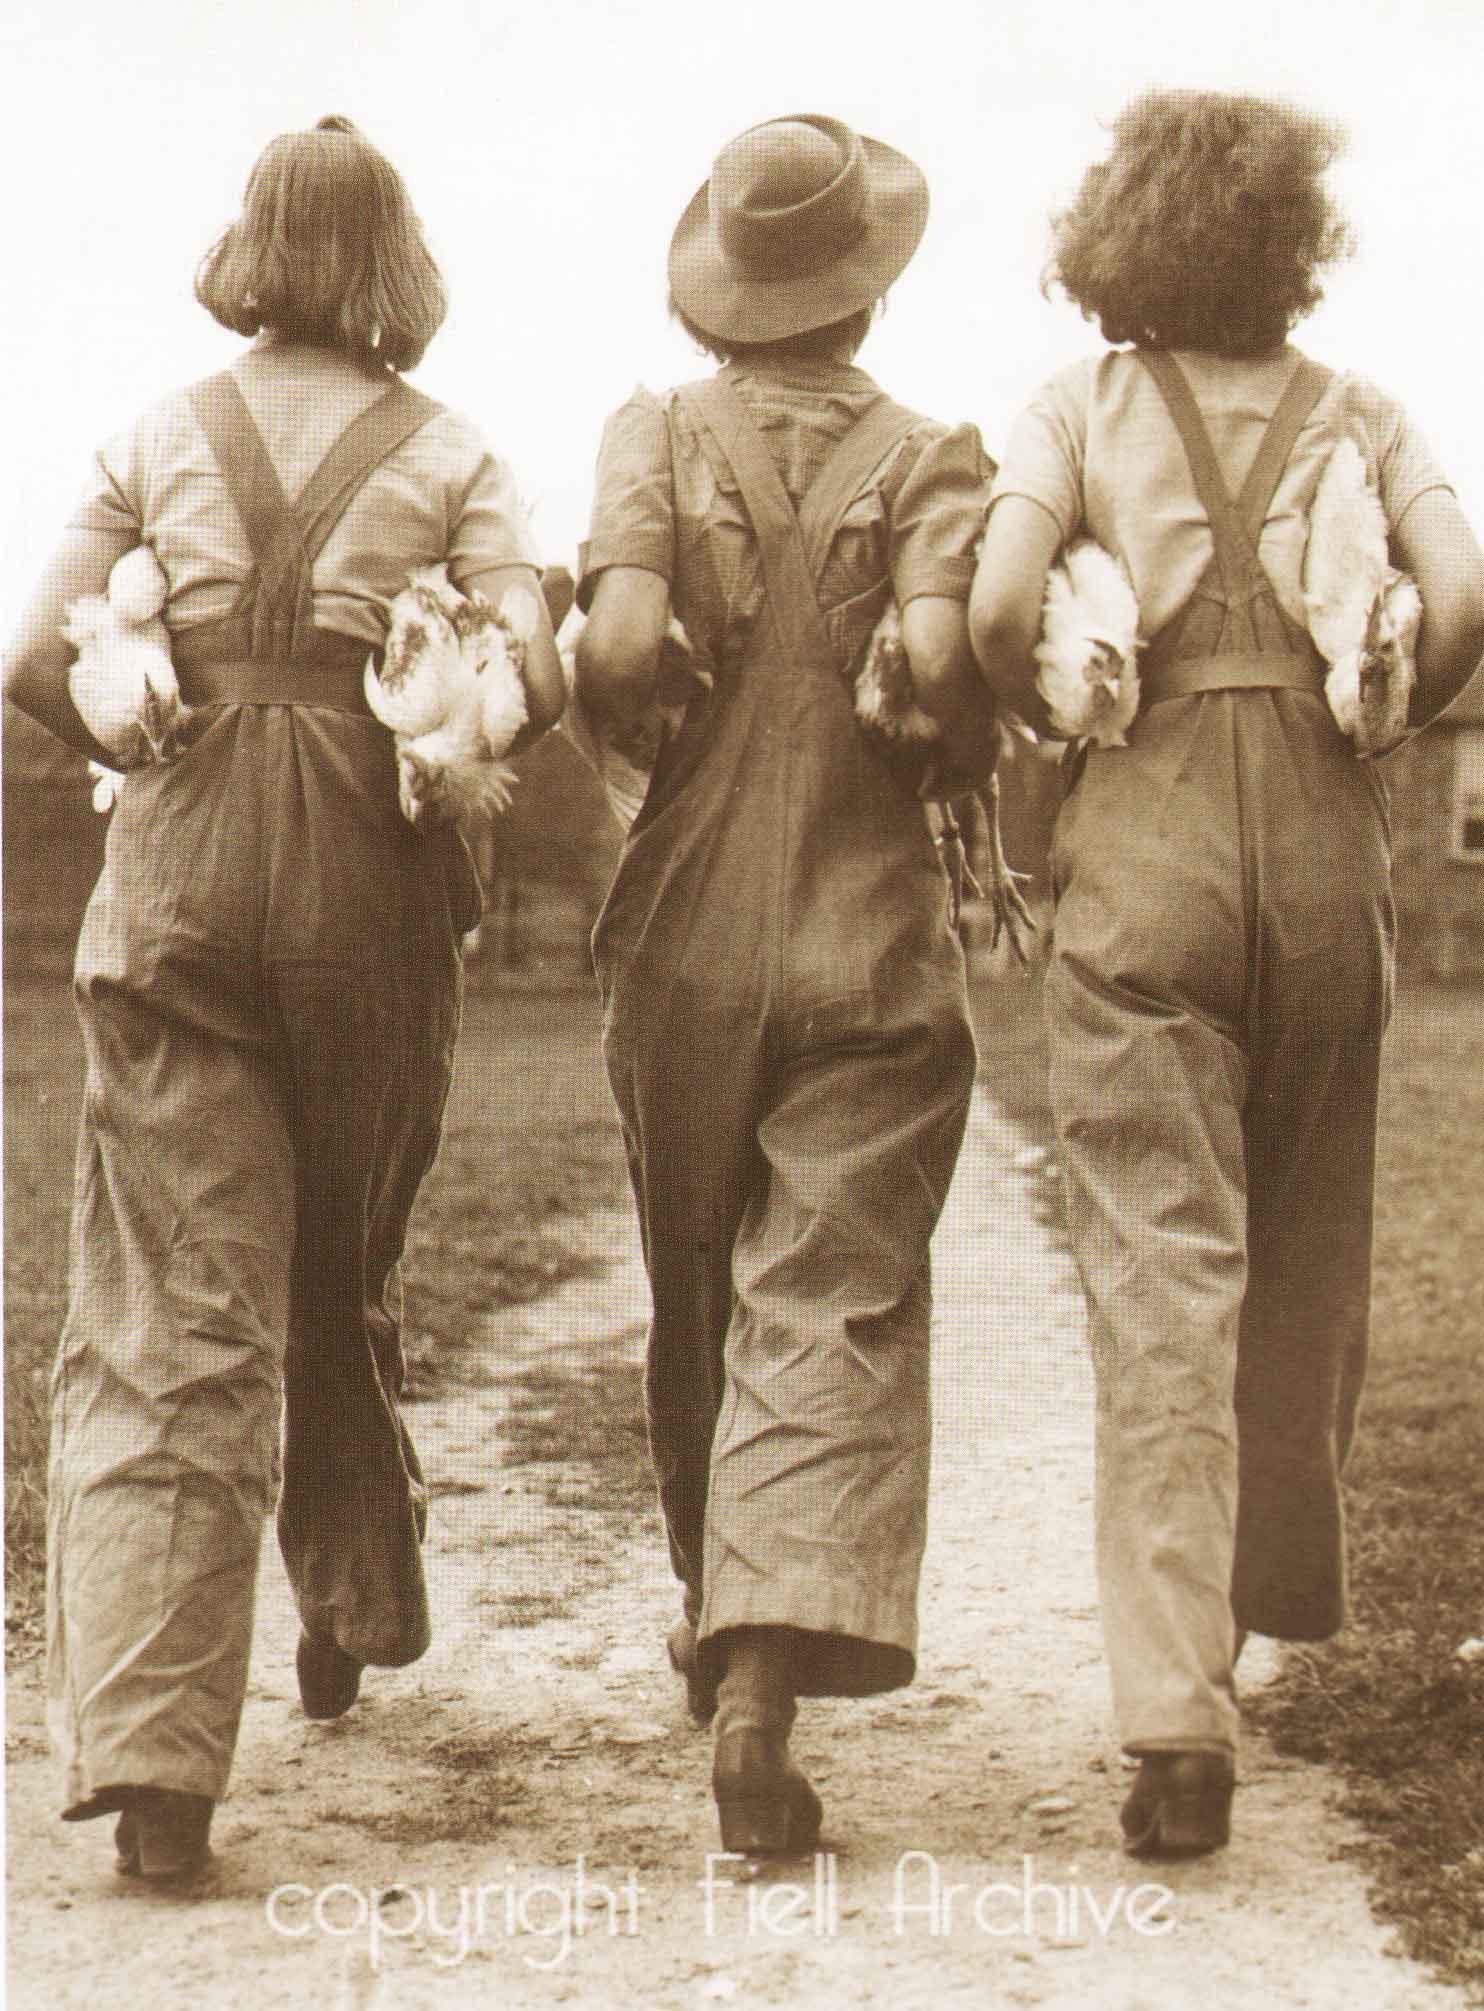 1940s FASHION 3 land girls1